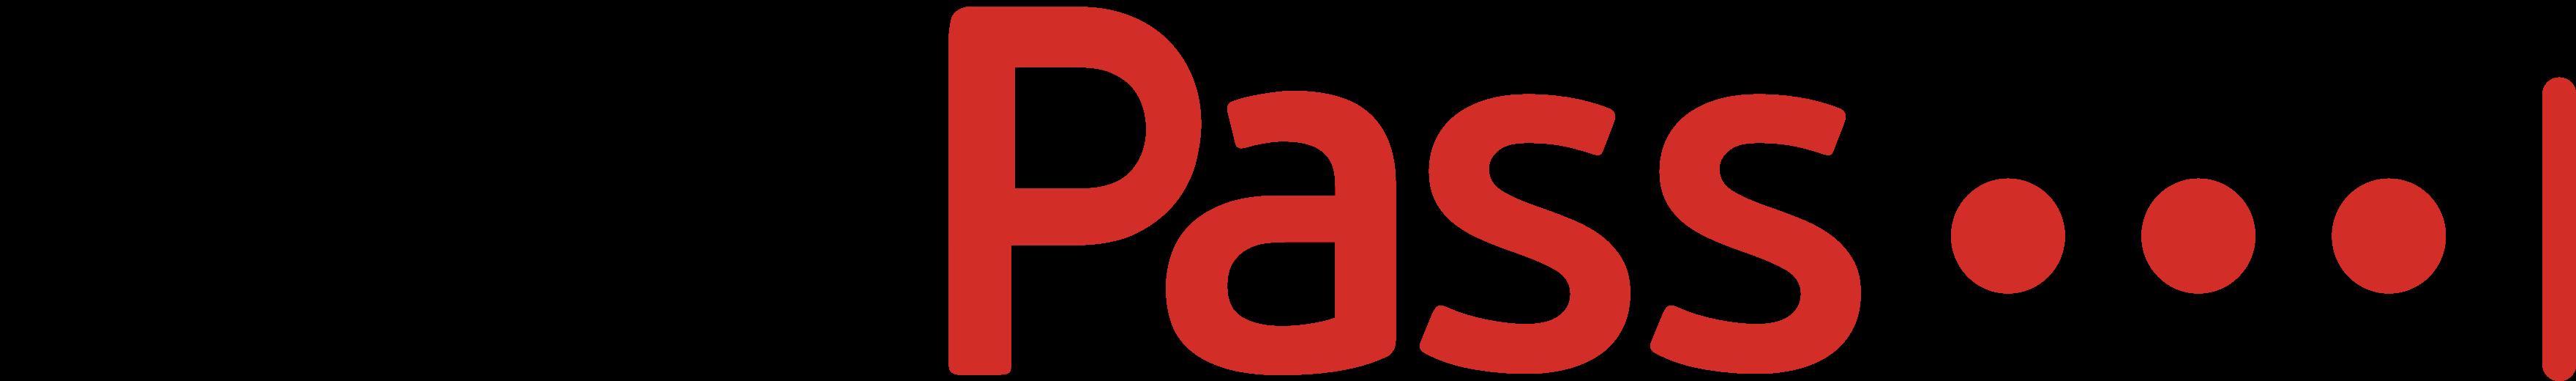 Logo for LastPass